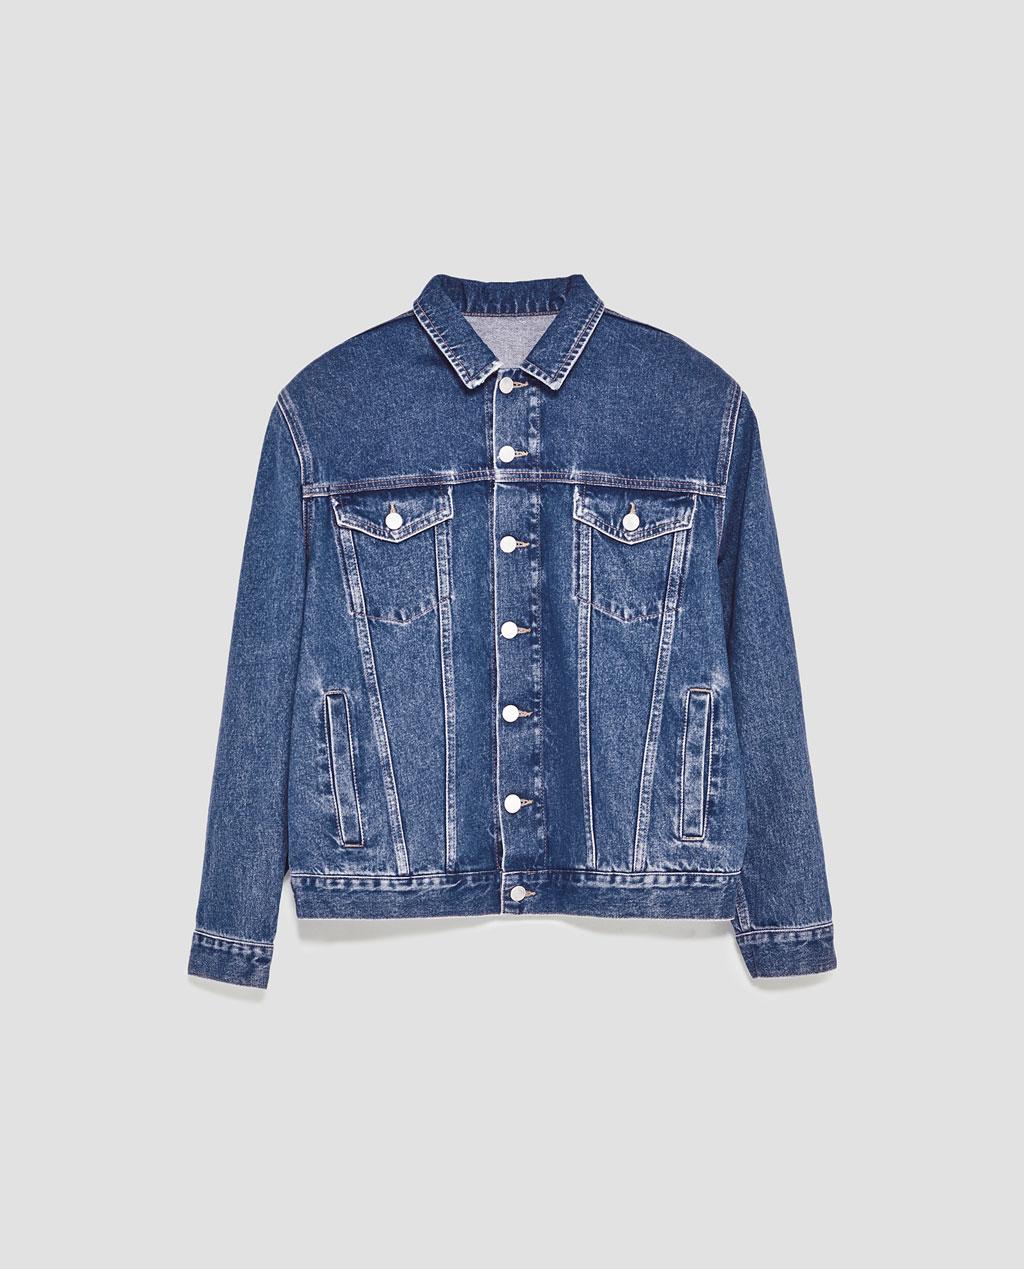 denim jacket with shoulder pads $70